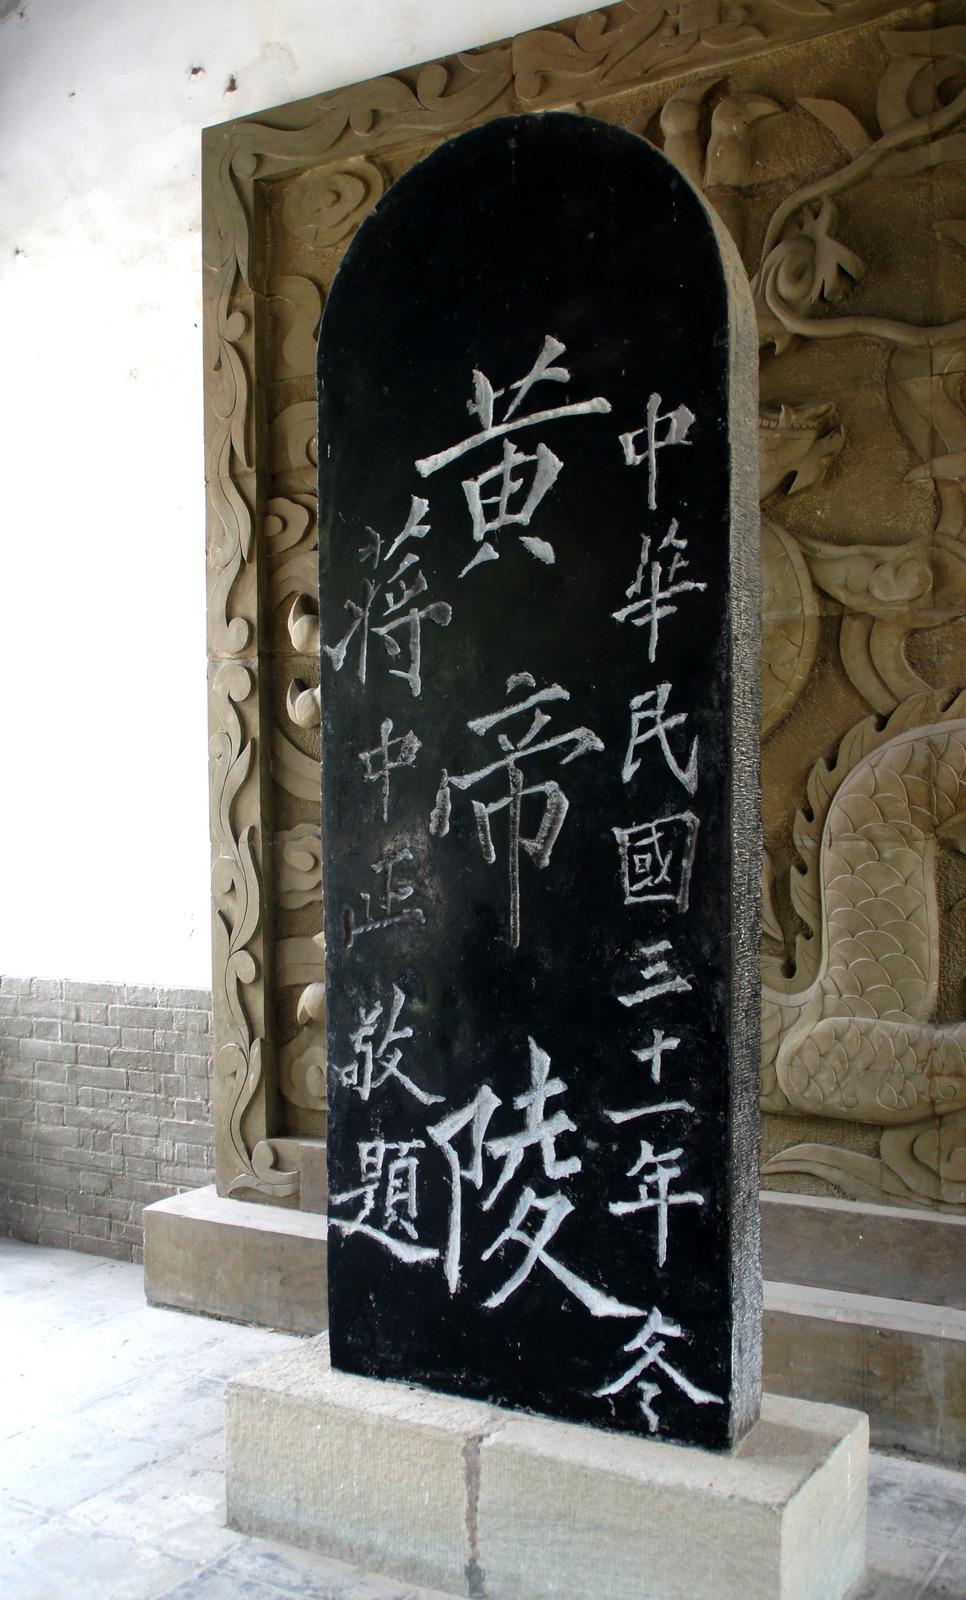 黄帝陵景区-蒋中正题词-40-1600.jpg